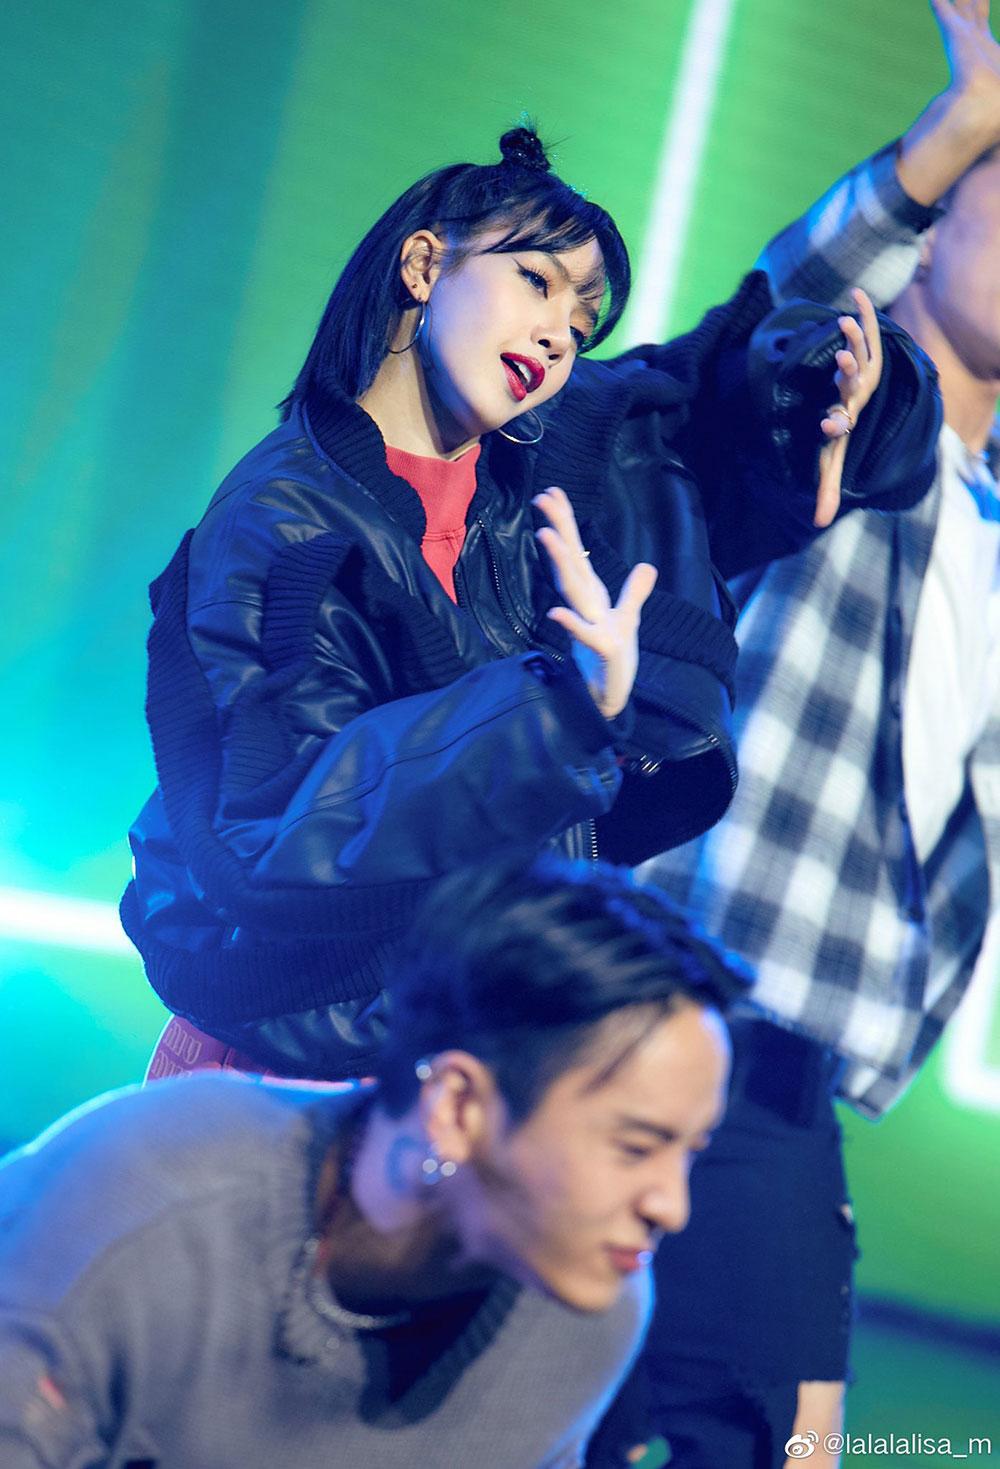 Phong cách hiện đại, năng động của Lisa Manoban trên sân khấu. Ảnh: Weibo @lalalalisa_m.